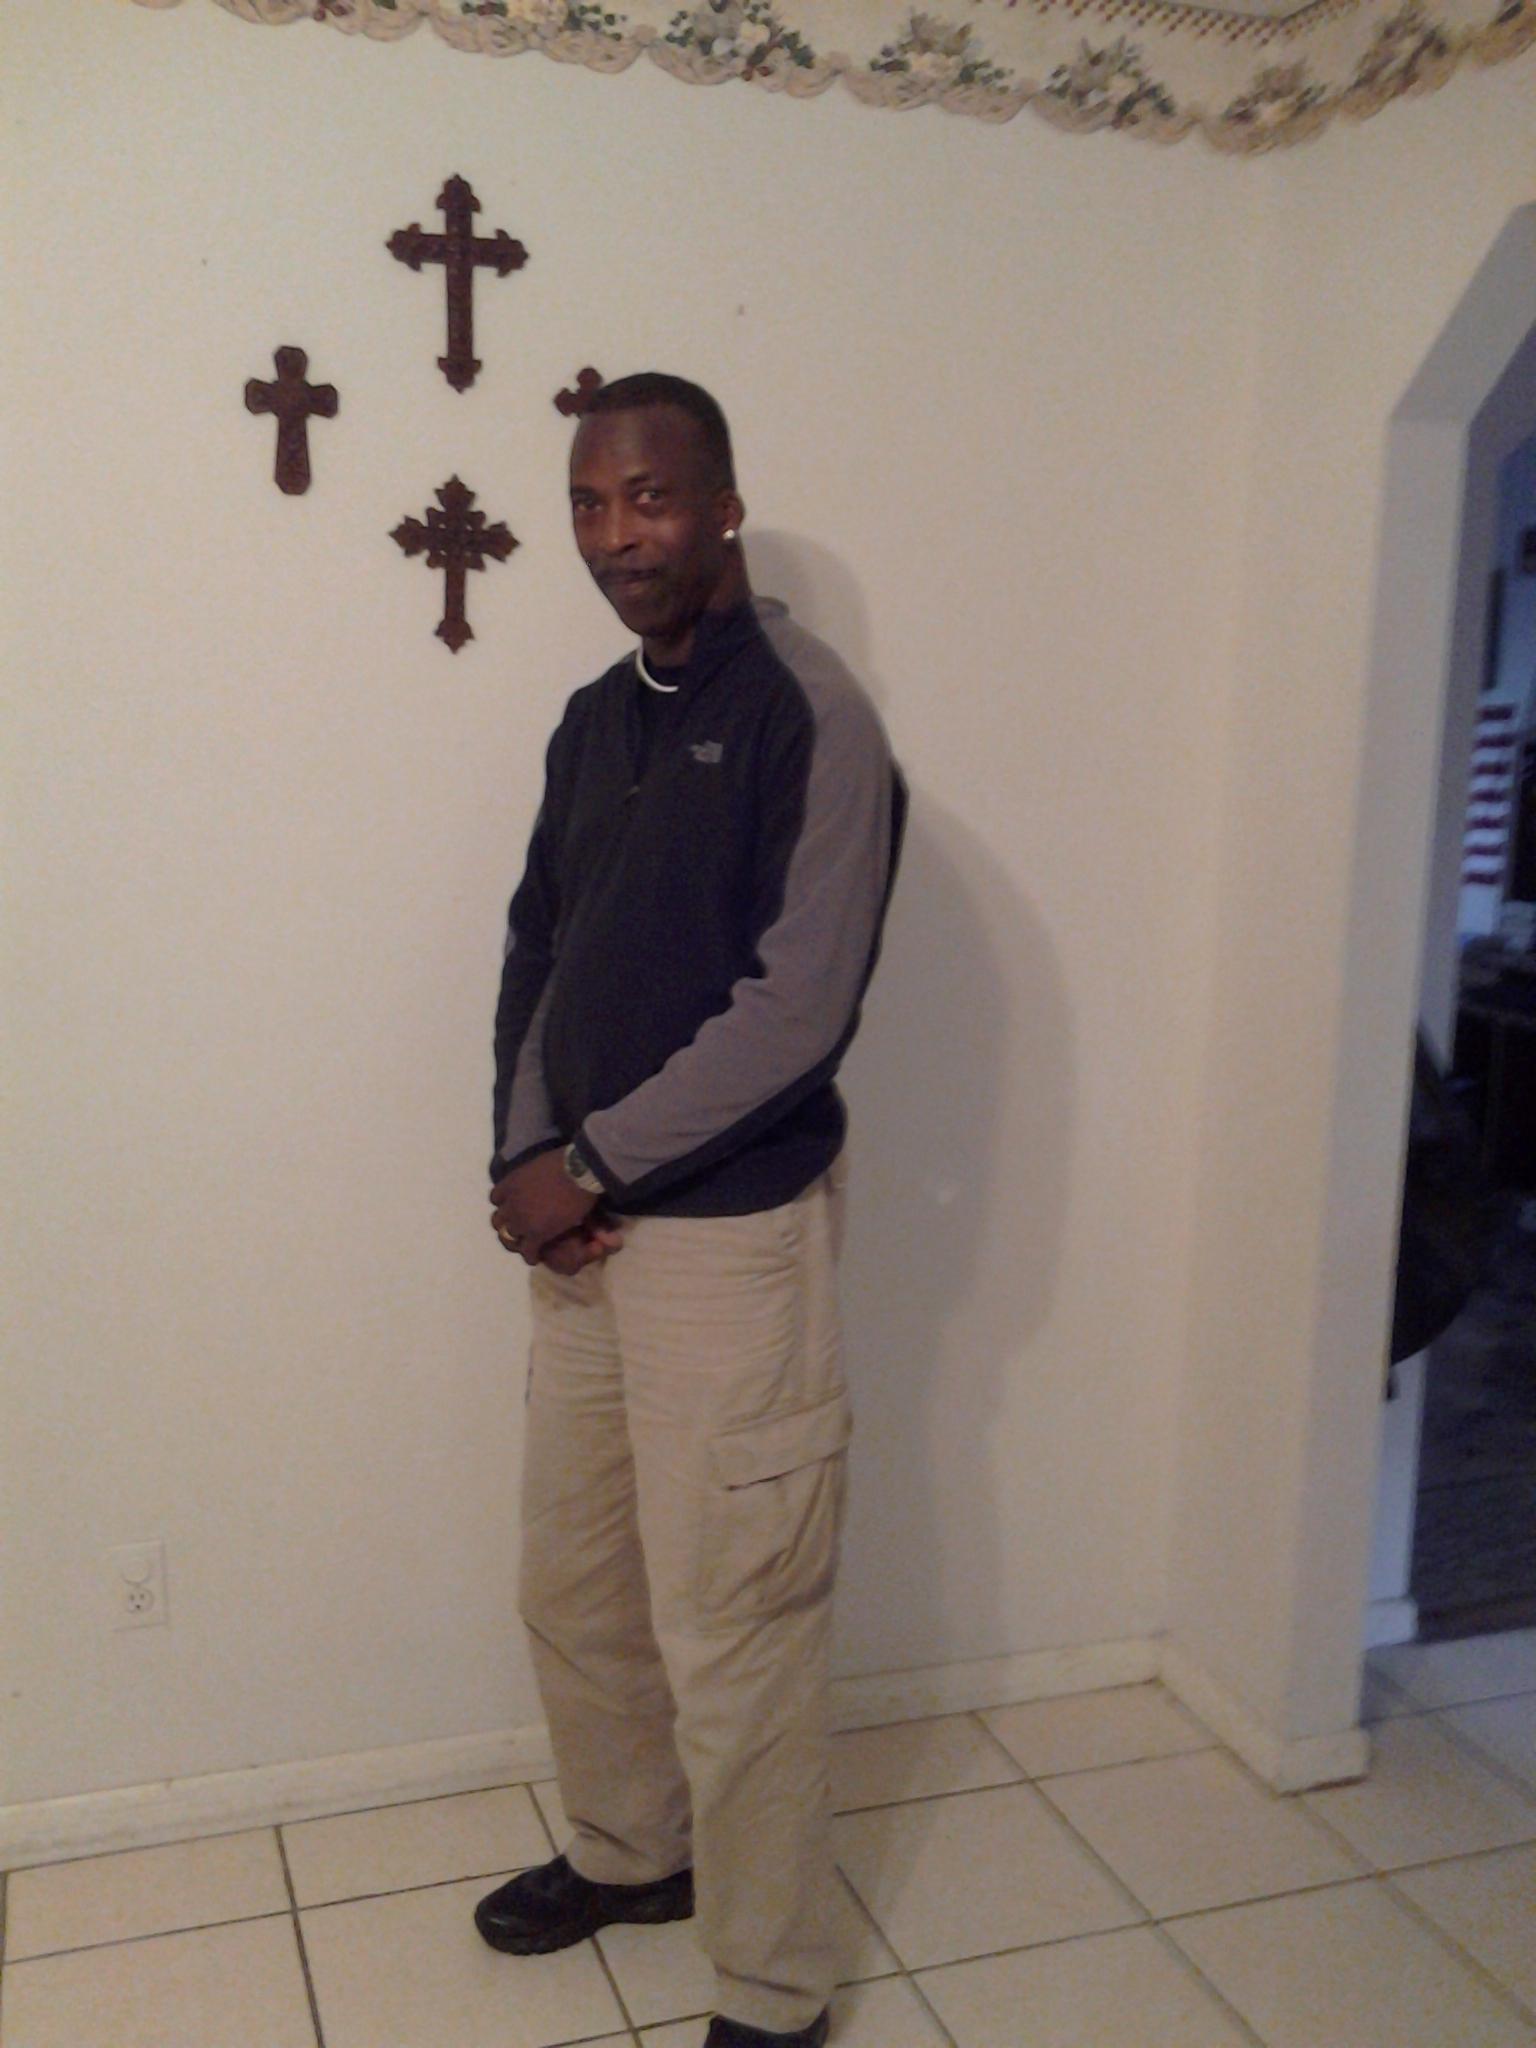 Evangelist Jimme Lee Dawson